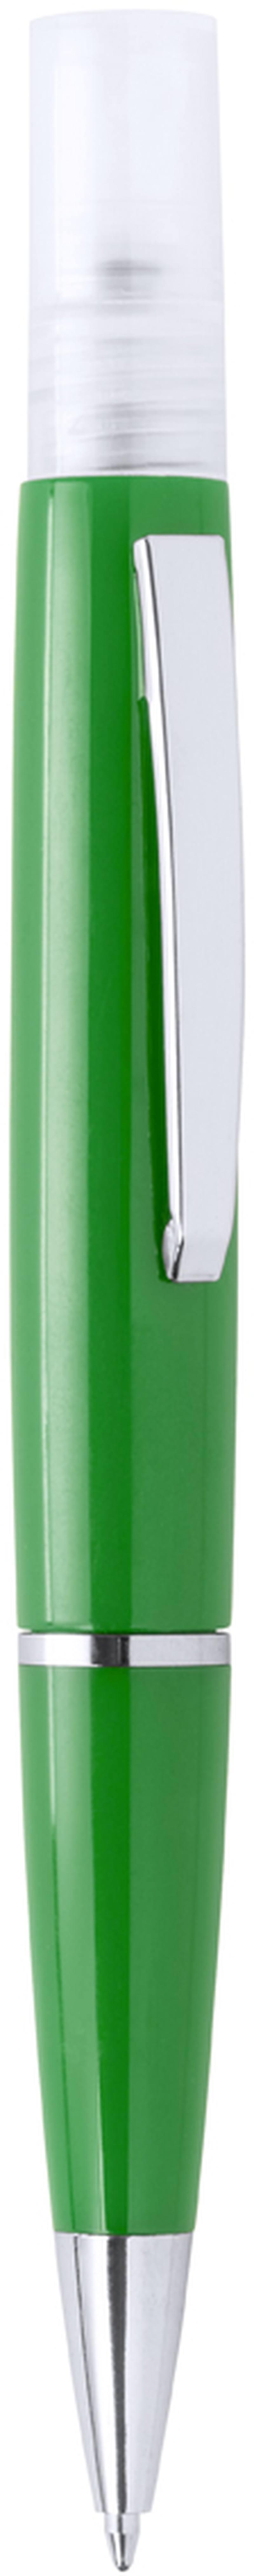 Kuličkové pero se sprejem Tromix